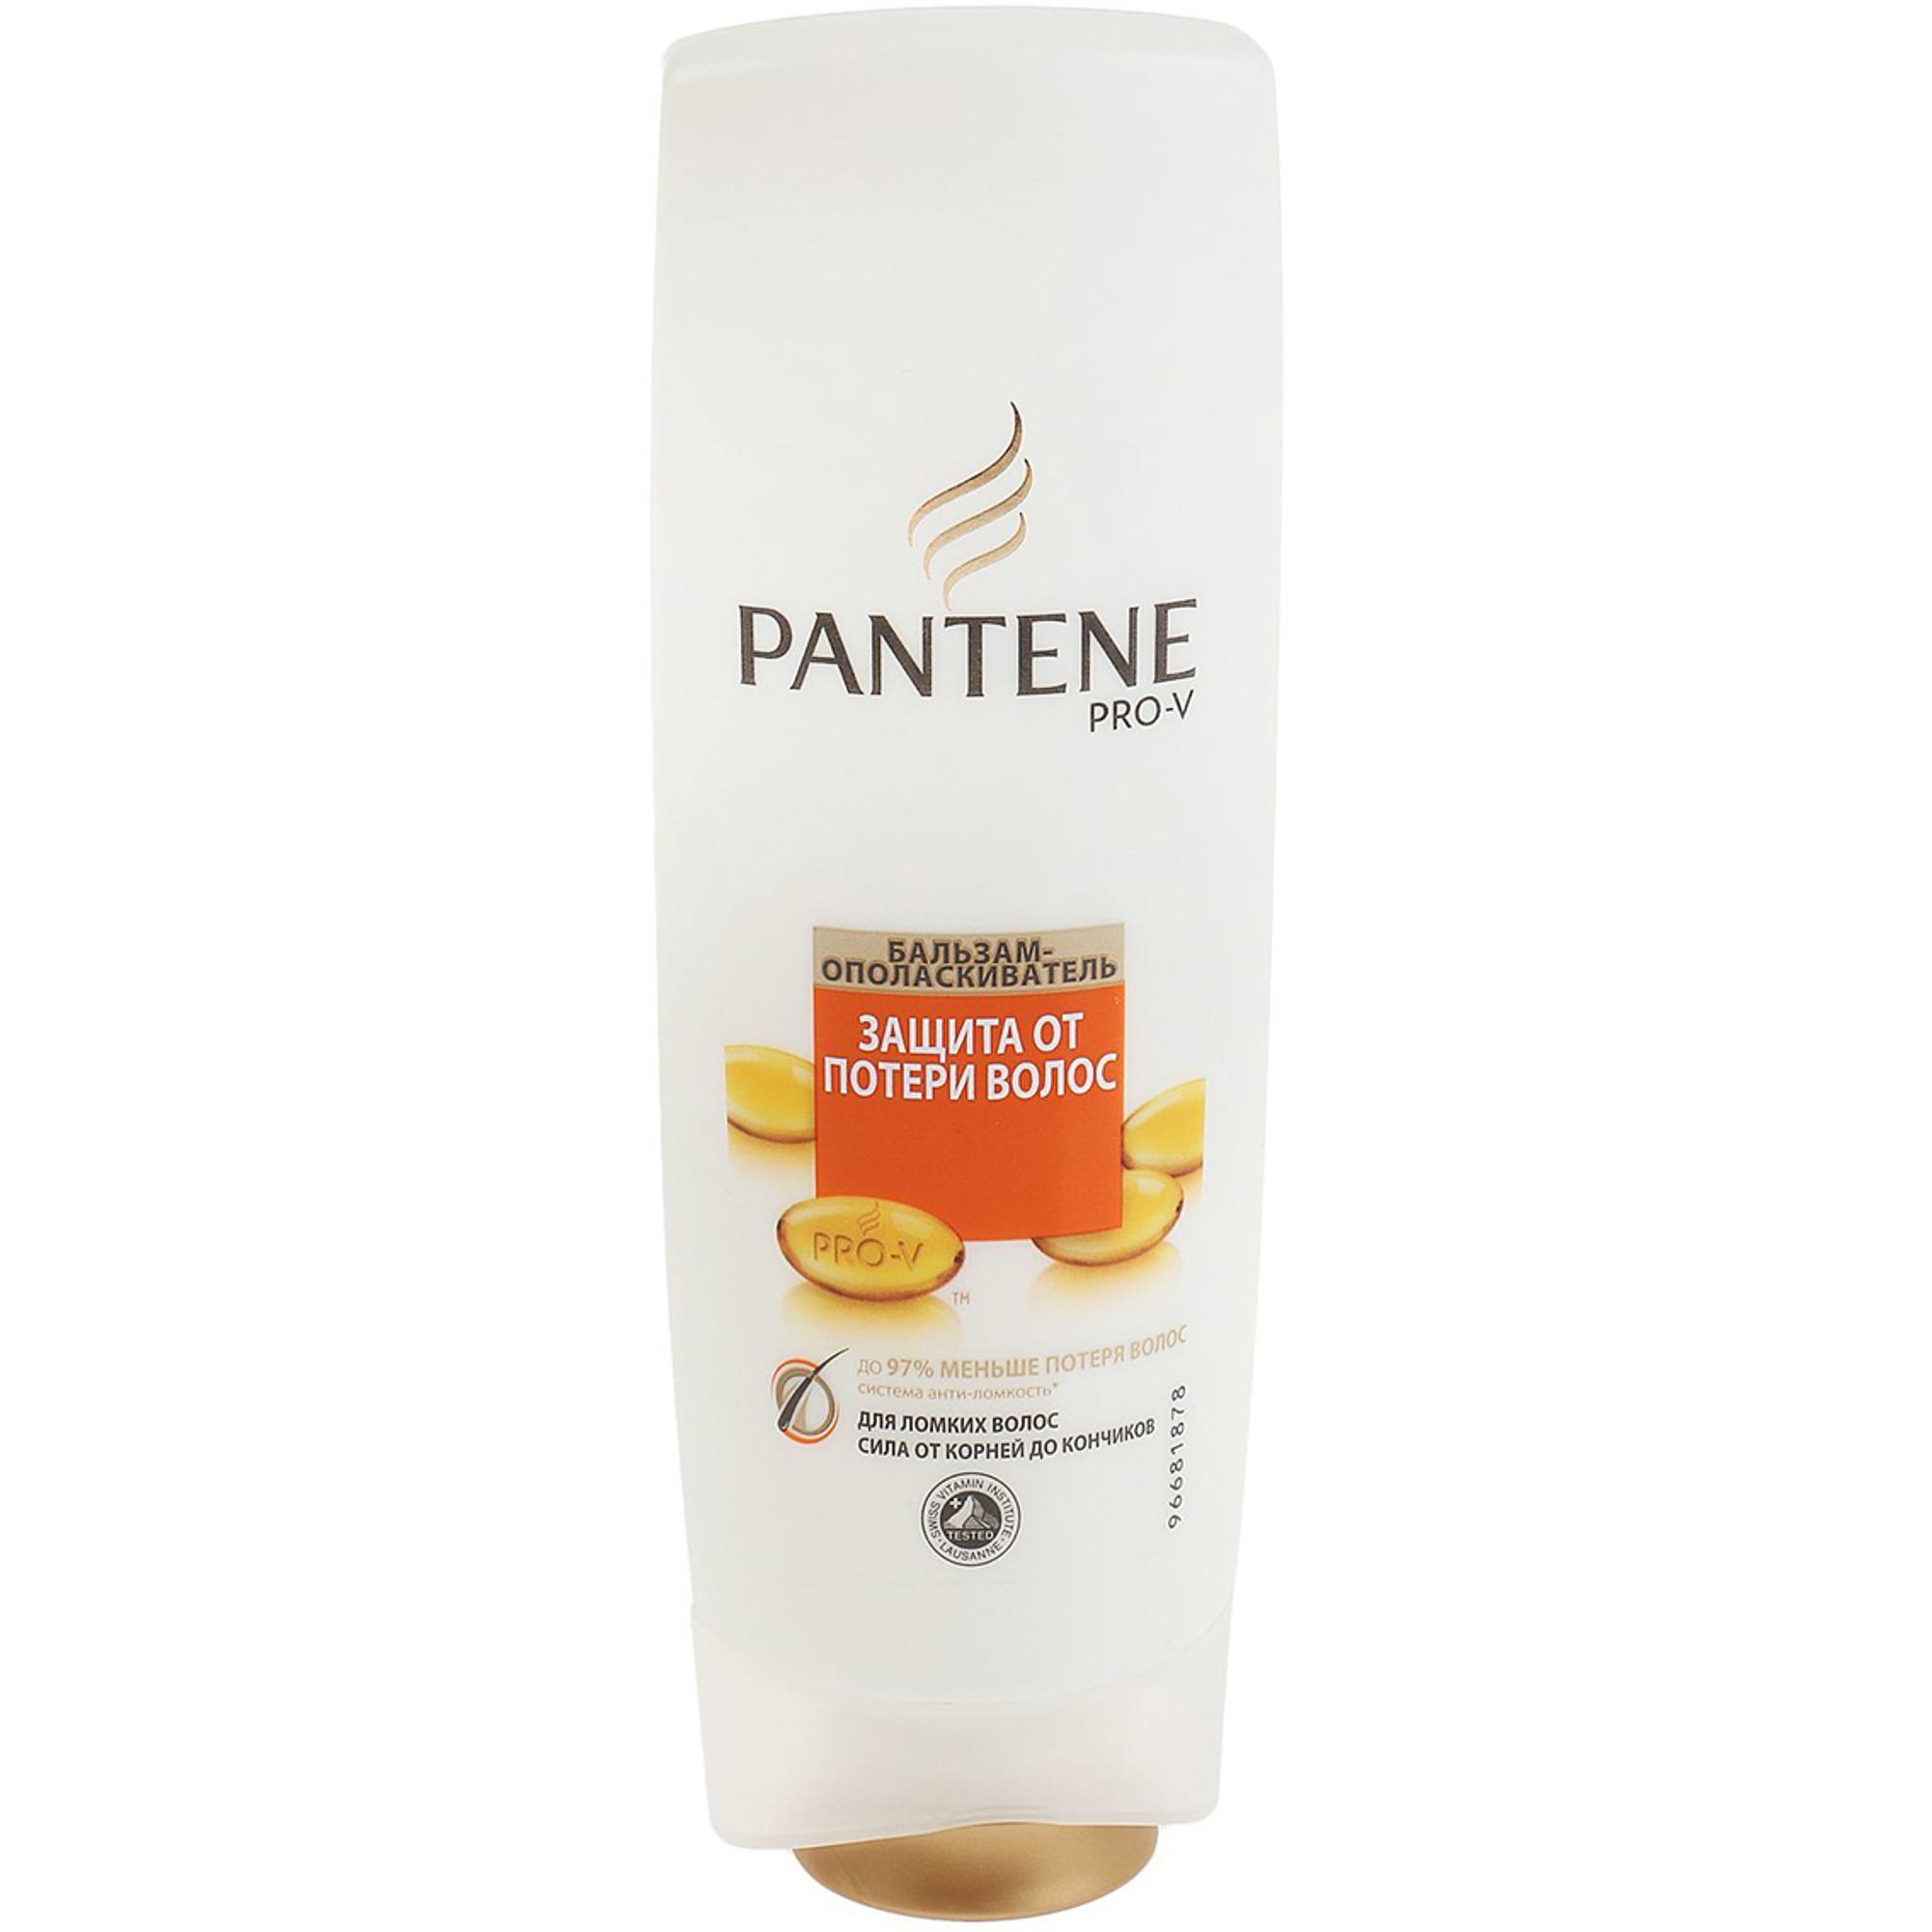 Бальзам-ополаскиватель Pantene Защита от потери волос 400 мл pantene бальзам ополаскиватель защита от потери волос для ломких волос 360 мл